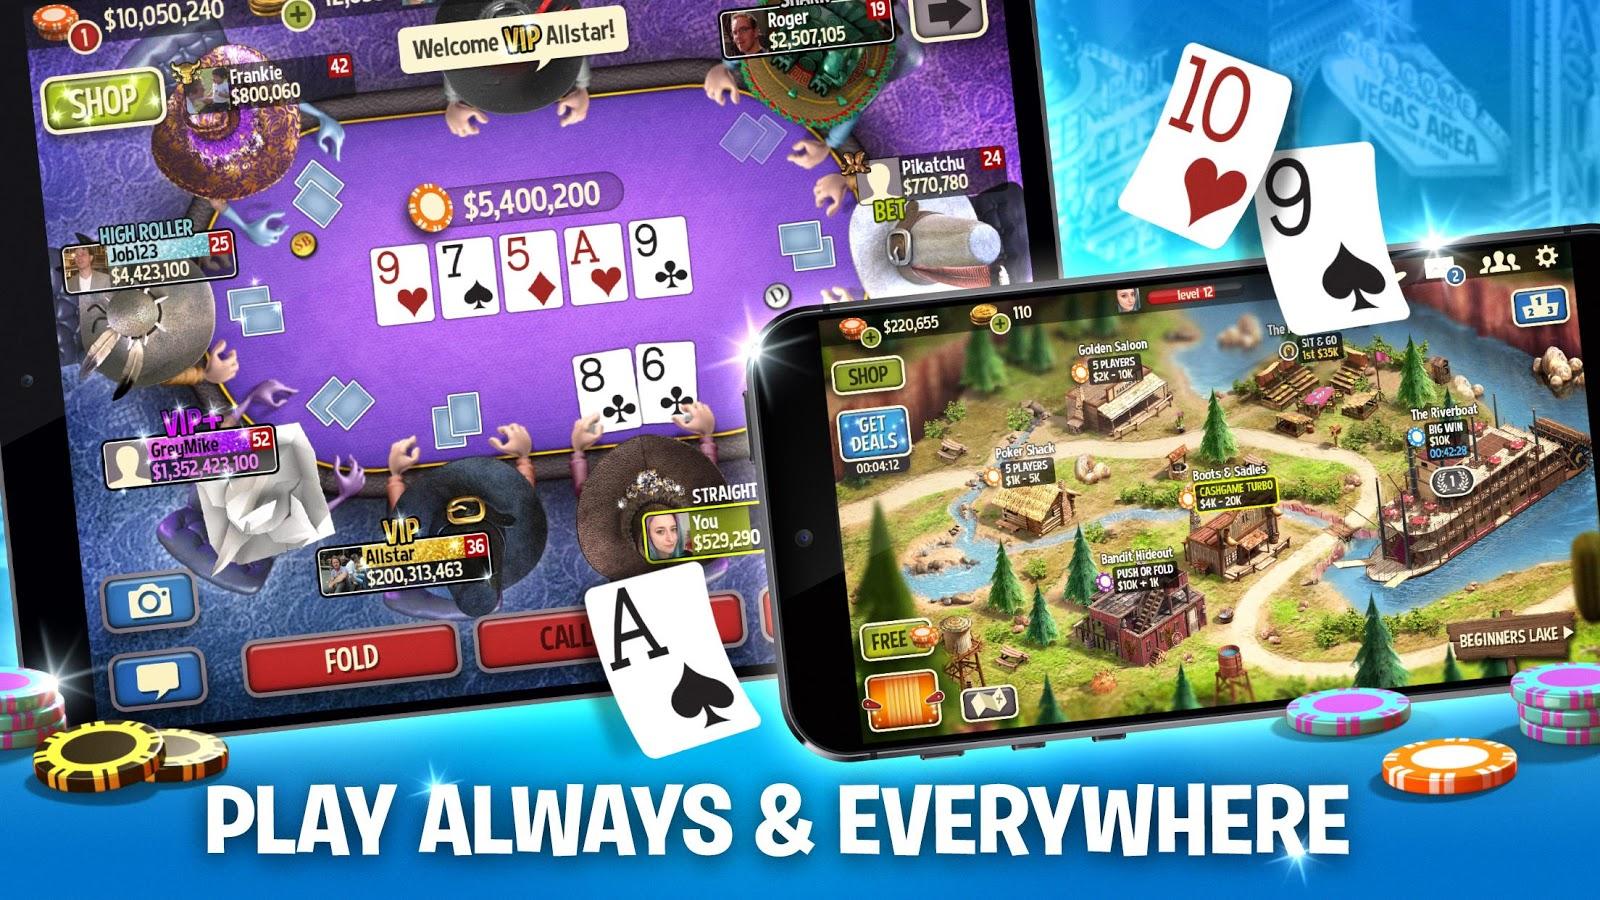 Governor of Poker 3 - Texas Holdem Casino Online 4.6.0 APK